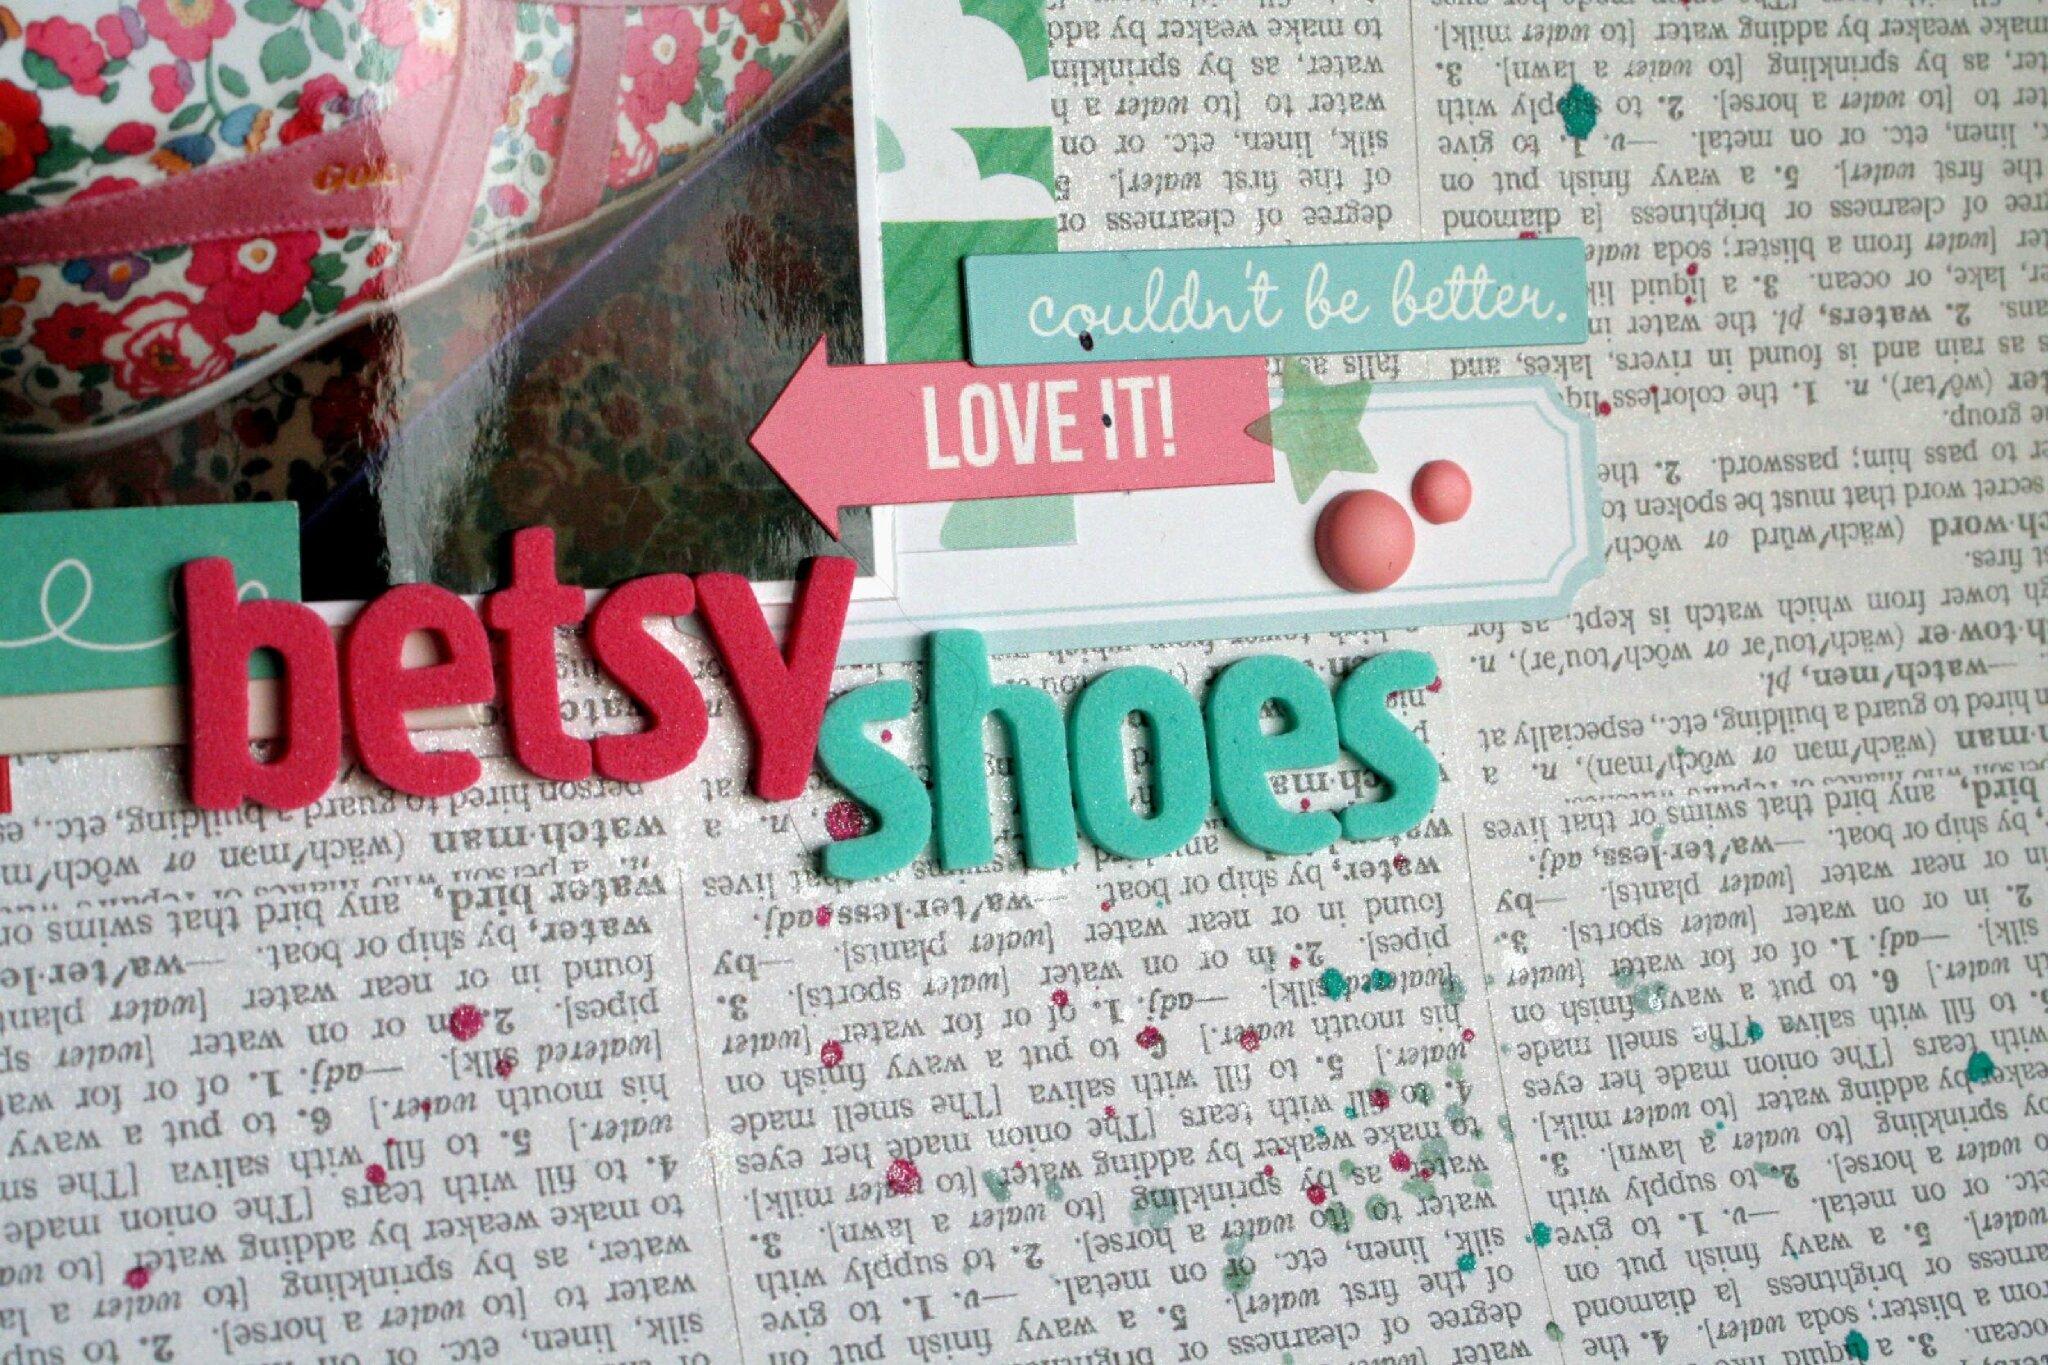 13_06_06_betsy shoes_détail1